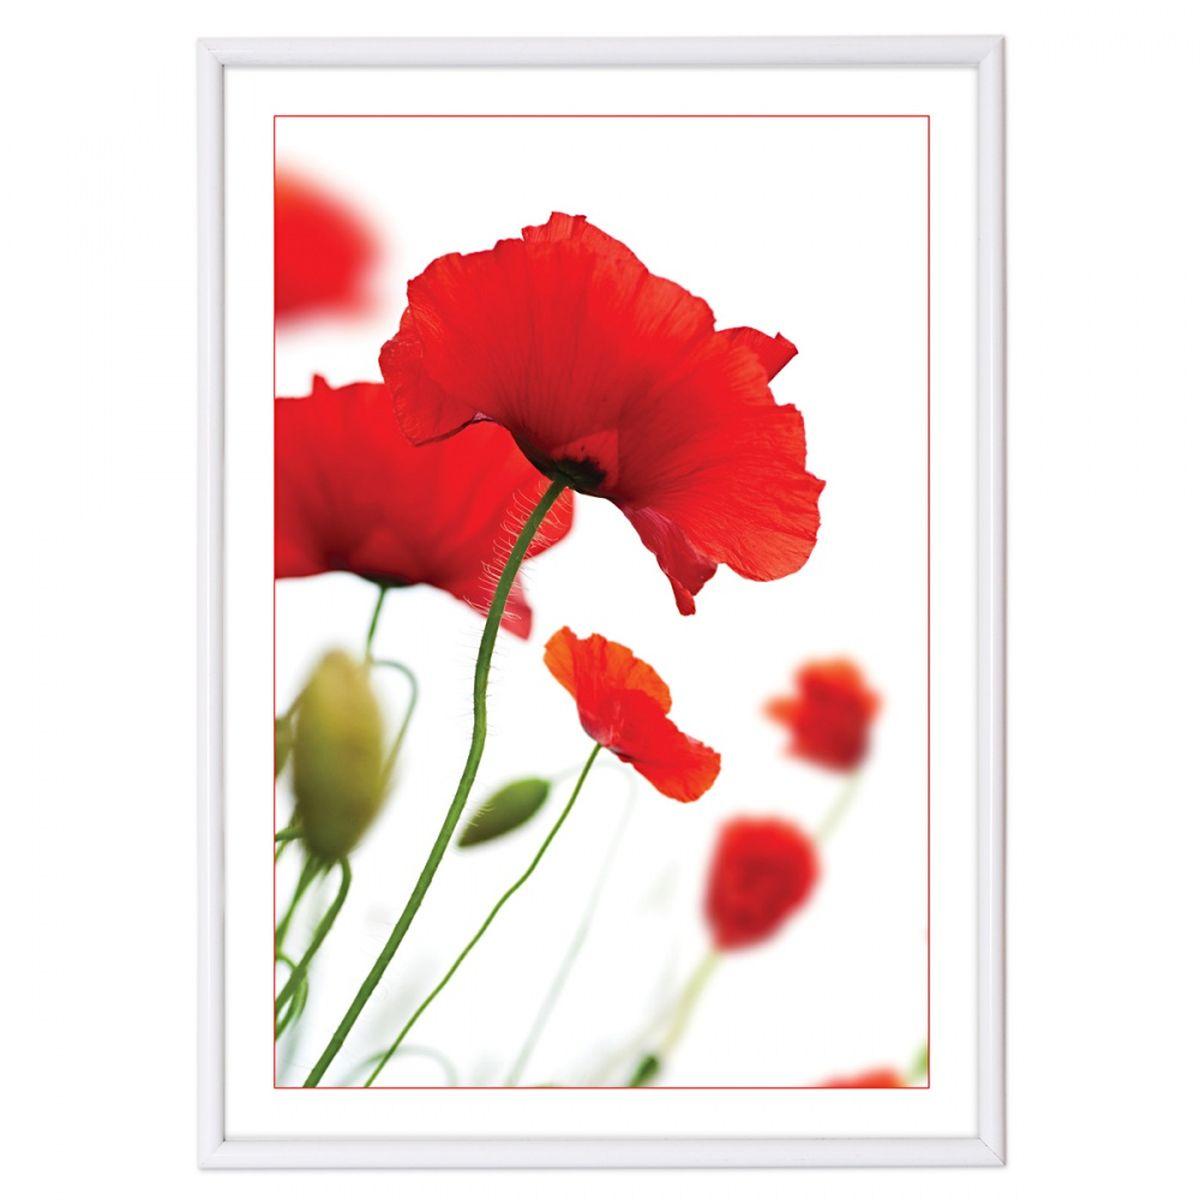 Фоторамка Pioneer Poster Lux White, цвет: белый, 21 х 29,7 см15796 PRРамка для фотографий, дипломов, сертификатов, грамот, лицензий и других документов формата А4. Размер: 21х30 см. Цвет бронза. Материал: пластик.